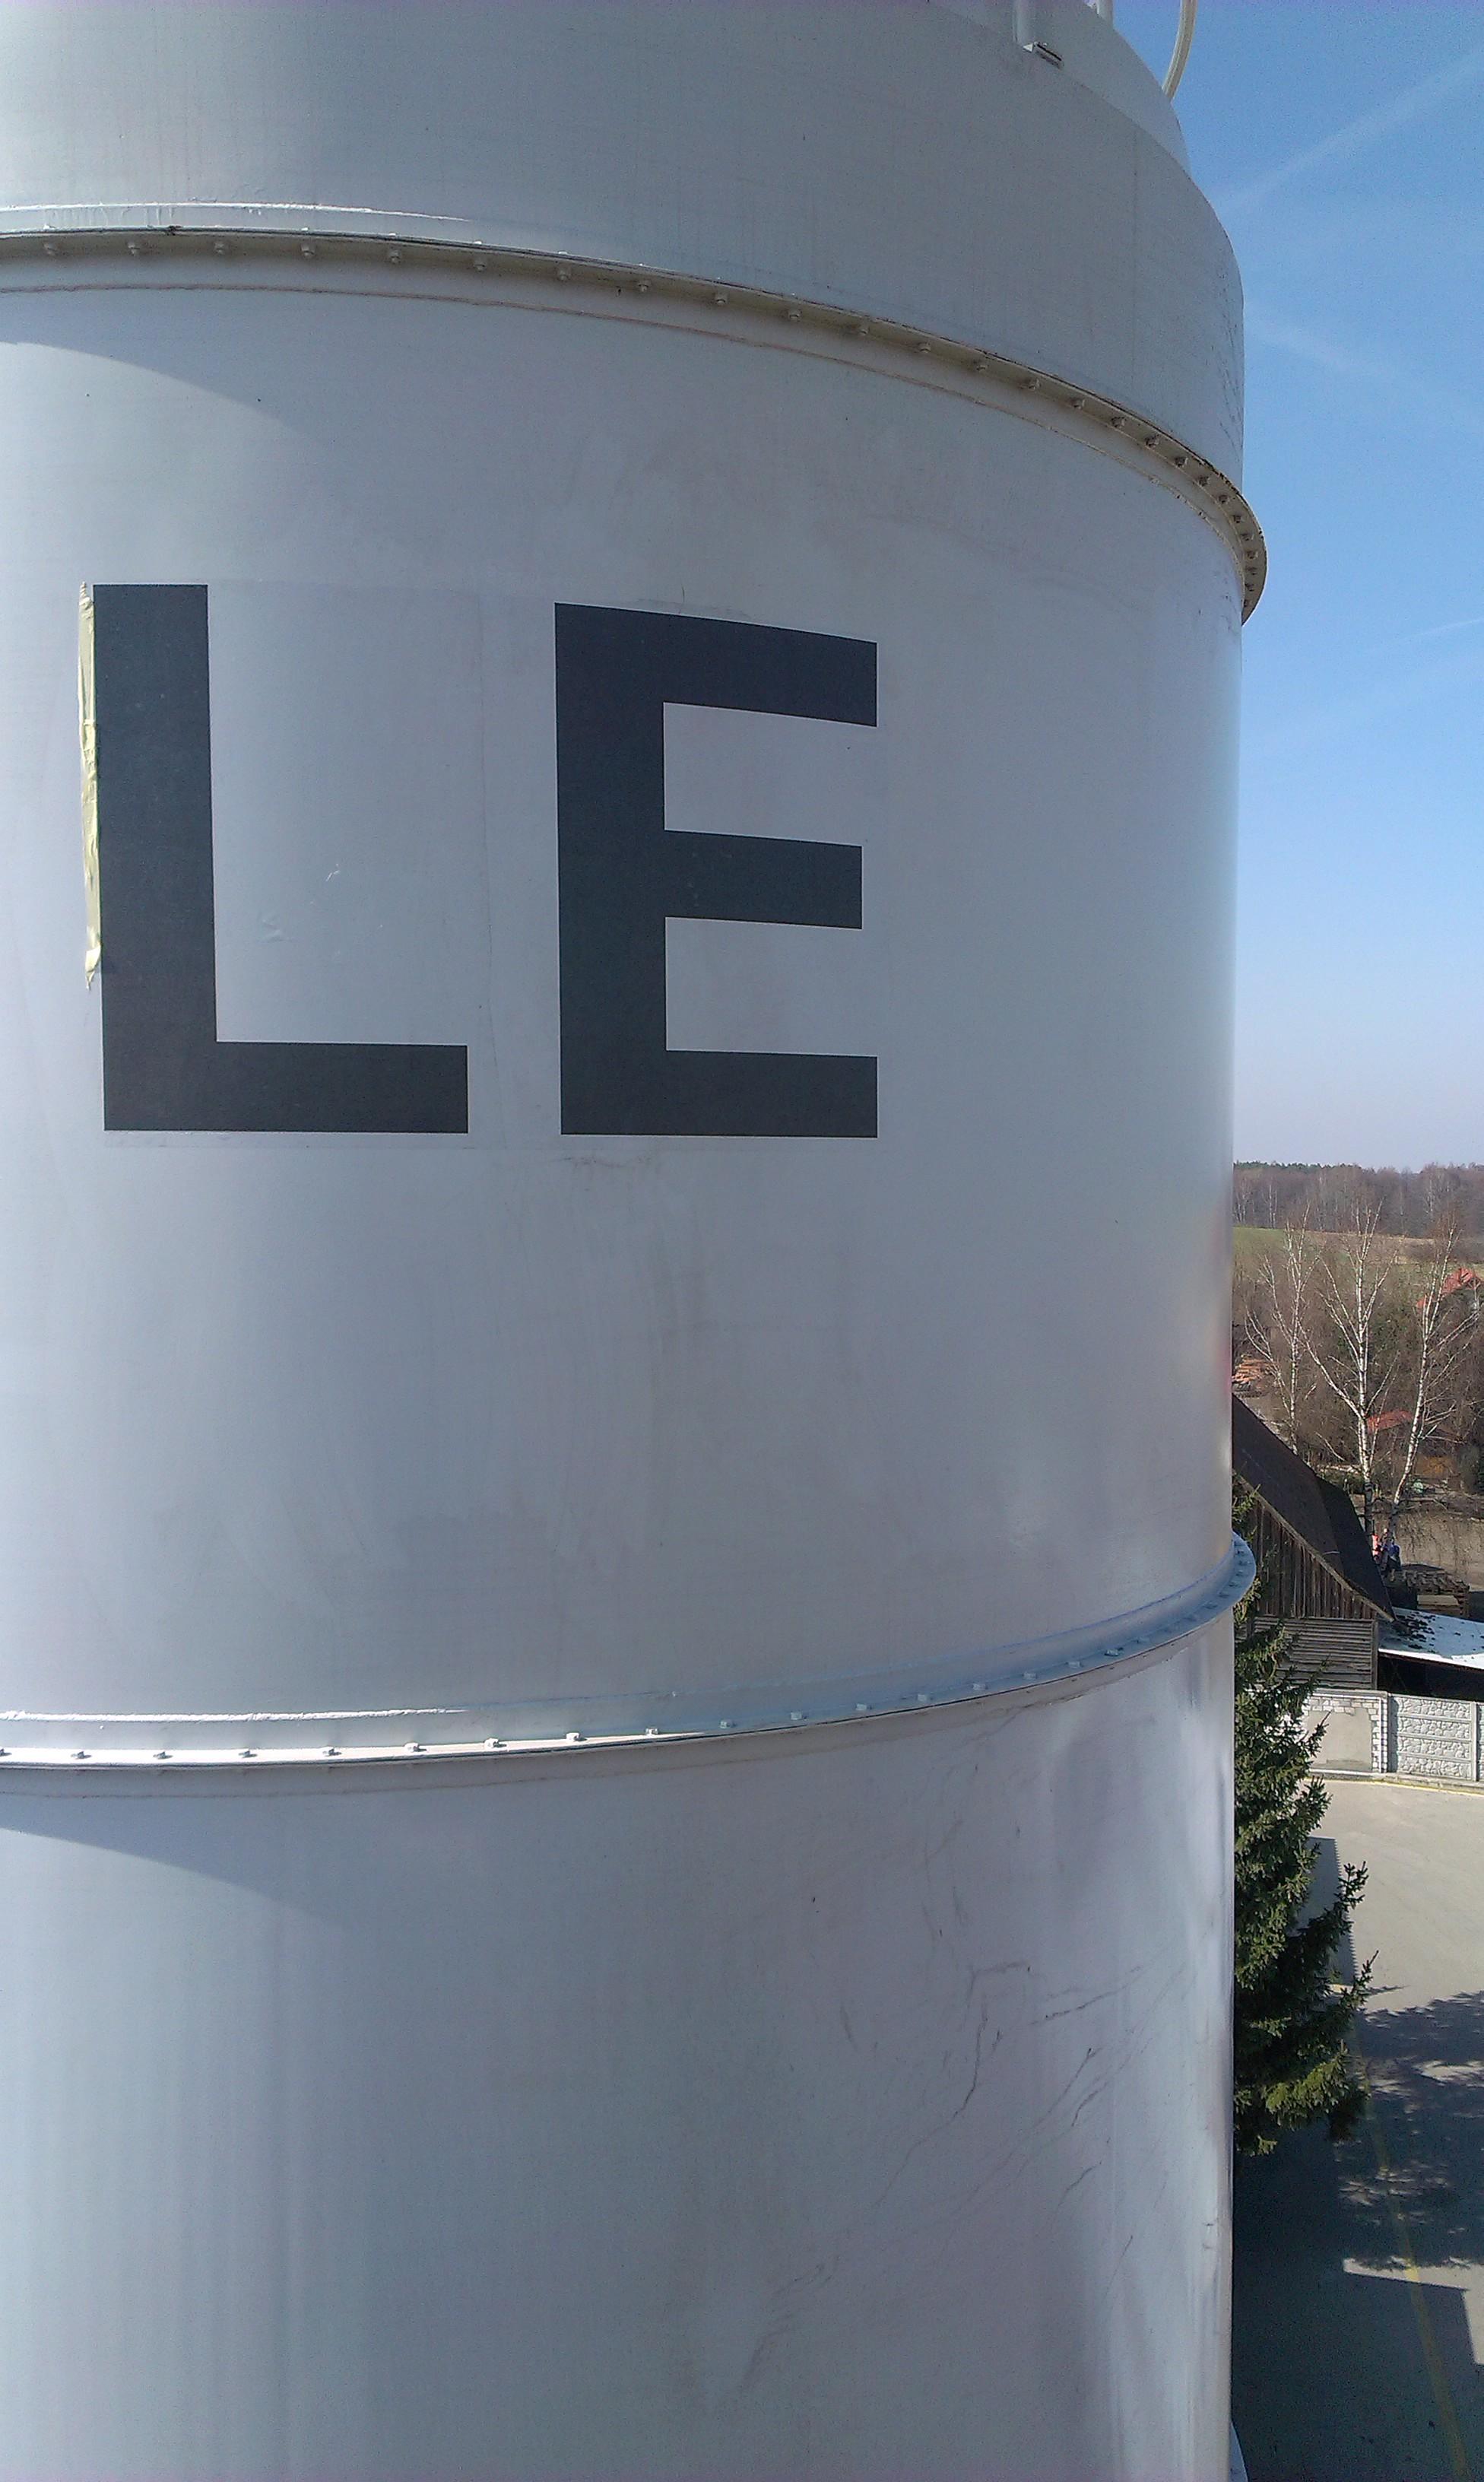 Montaż liter na silosie fabryki. Wysokość liter 160 cm.